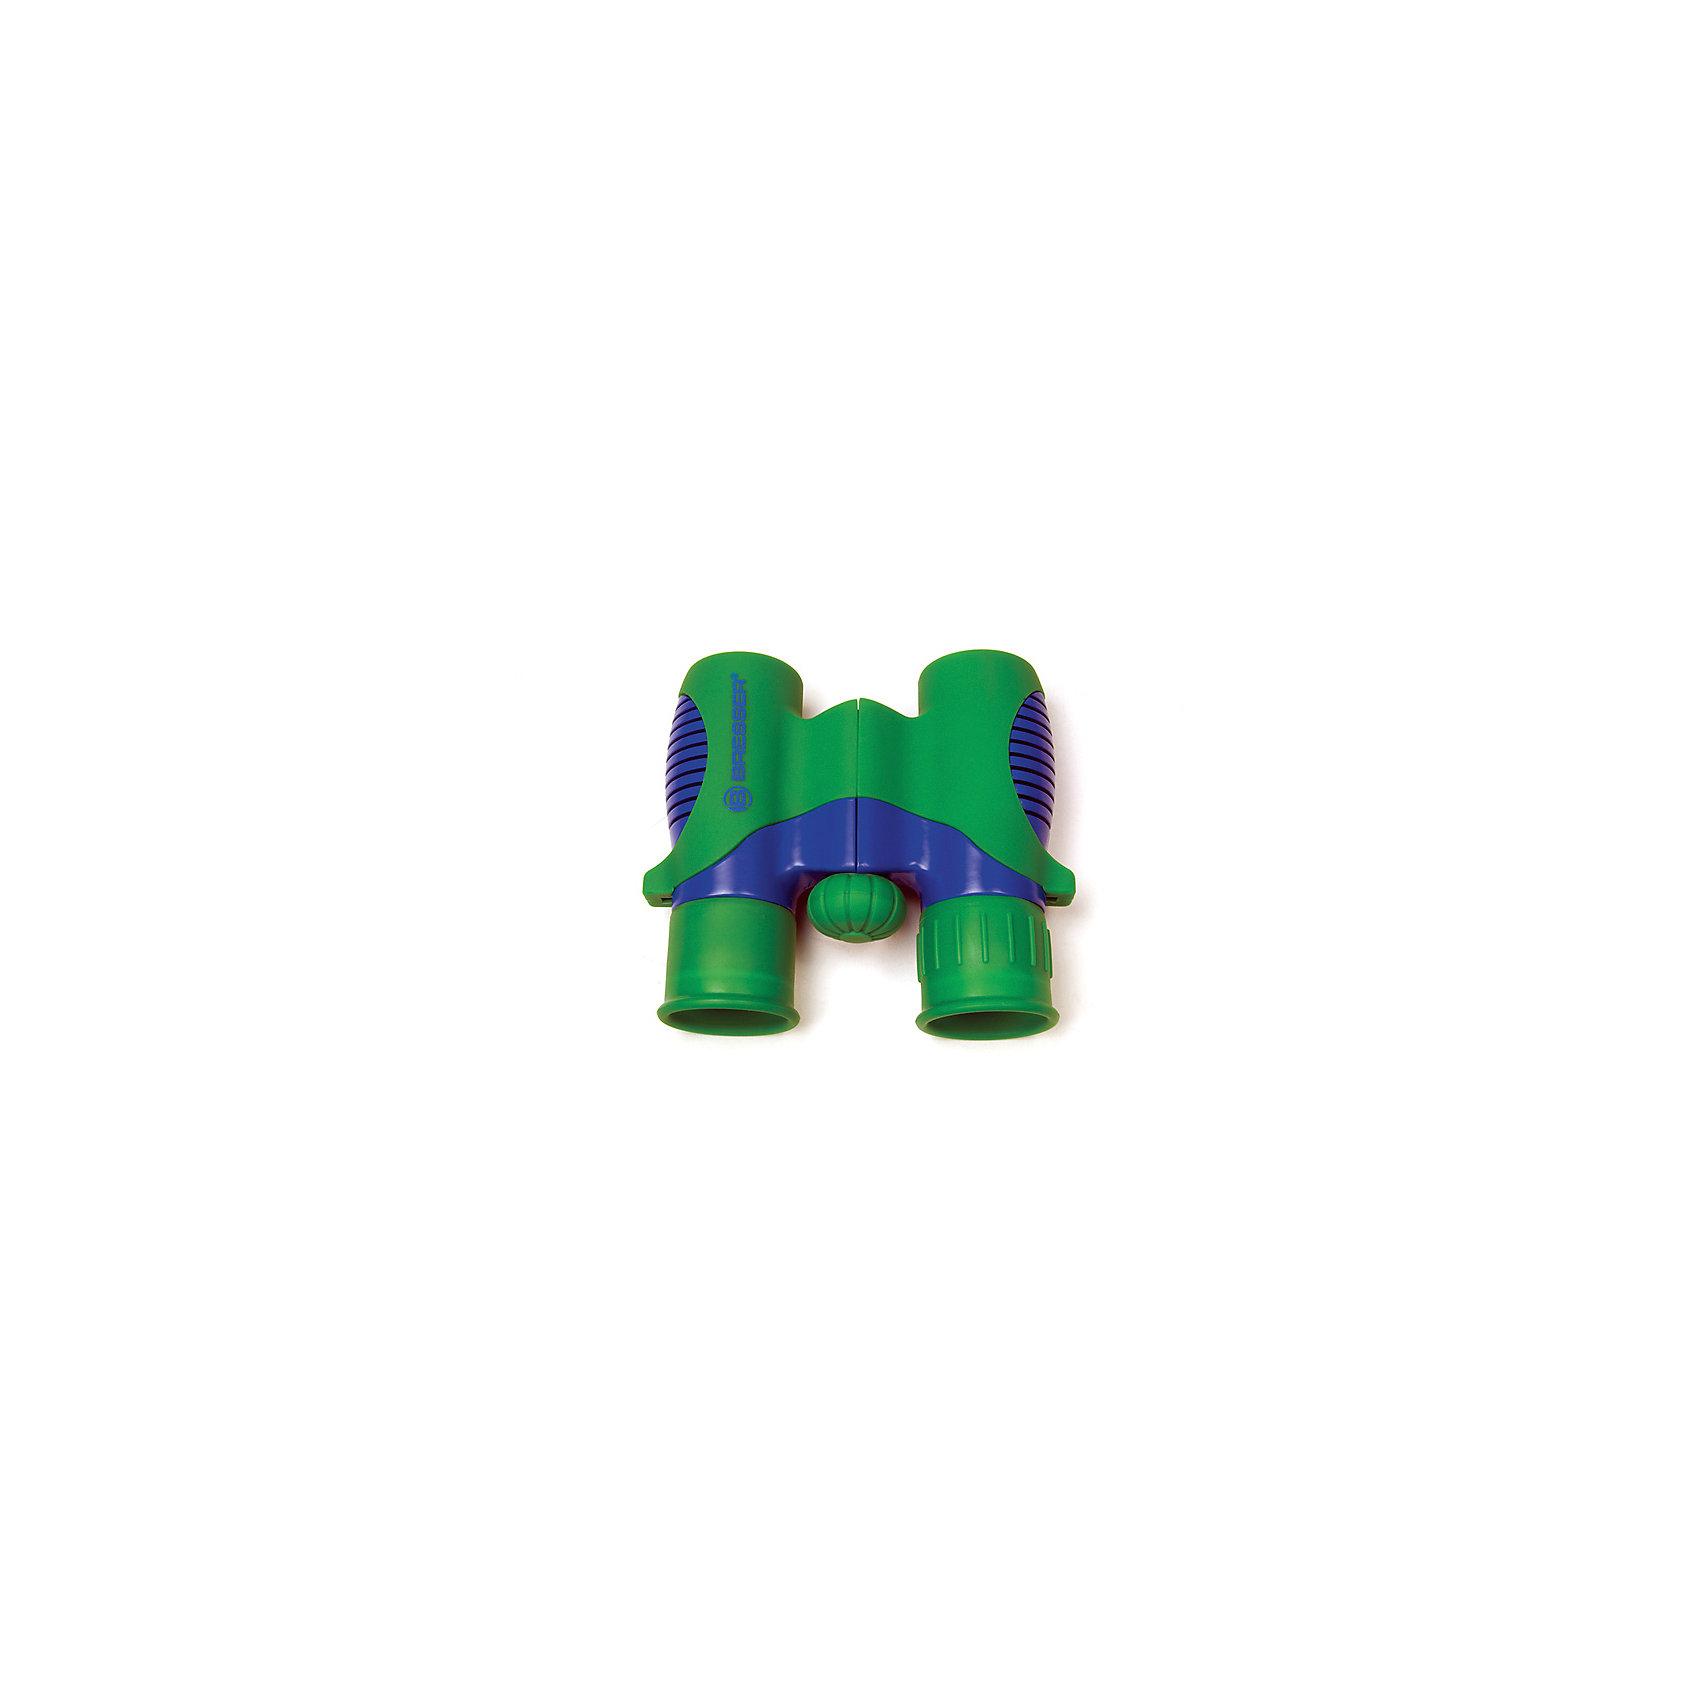 Бинокль детский Bresser Junior 6x21Характеристики товара:<br><br>• материал: пластик<br>• увеличение: до 6 крат<br>• тип призмы: roof<br>• легкий корпус<br>• диаметр объектива (апертура), мм 21<br>• размер упаковки: 15x11x6 см<br>• вес: 200 г<br>• страна бренда: Германия<br><br>Бинокль - это отличный способ заинтересовать ребенка наблюдениями и привить ему интерес к учебе. Эта модель была разработана специально для детей - он позволяет увеличивать предметы до 6 крат. Благодаря легкому и прочному корпусу бинокль удобно брать с собой!<br><br>Оптические приборы от немецкой компании Bresser уже успели зарекомендовать себя как качественная и надежная продукция. Для их производства используются только безопасные и проверенные материалы. Такой прибор способен прослужить долго. Подарите ребенку интересную и полезную вещь!<br><br>Бинокль детский Bresser Junior 6x21 известного бренда Bresser (Брессер) можно купить в нашем интернет-магазине.<br><br>Ширина мм: 110<br>Глубина мм: 60<br>Высота мм: 150<br>Вес г: 268<br>Возраст от месяцев: 60<br>Возраст до месяцев: 2147483647<br>Пол: Унисекс<br>Возраст: Детский<br>SKU: 5435313